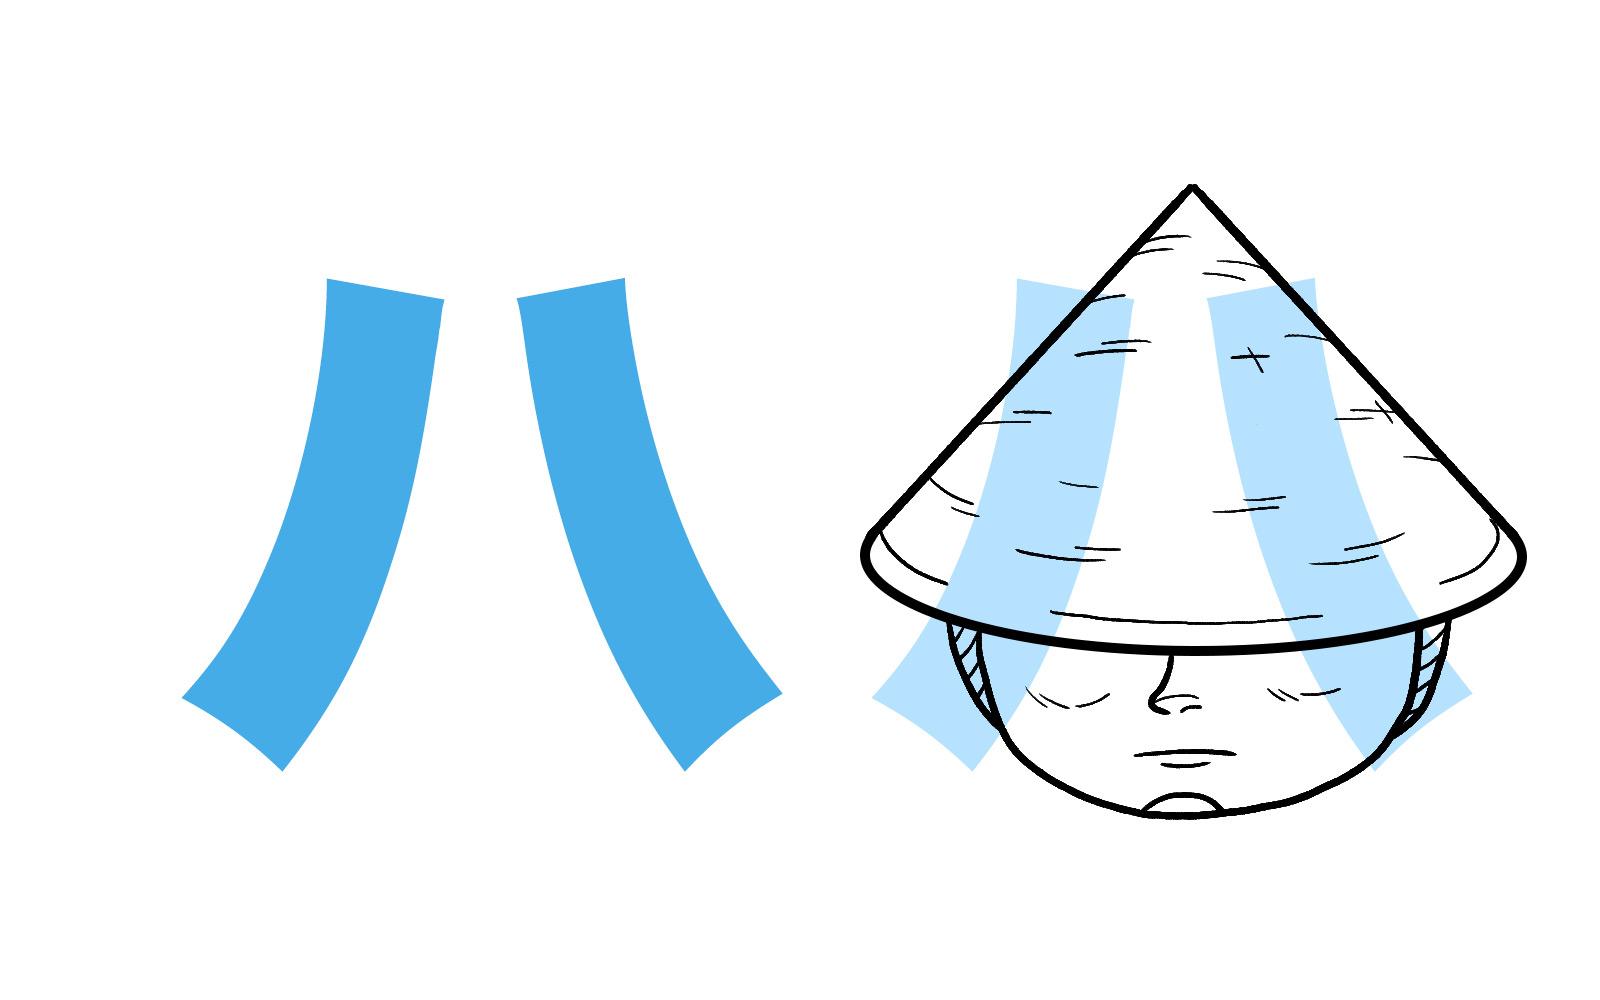 Katakana character ハ mnemonic